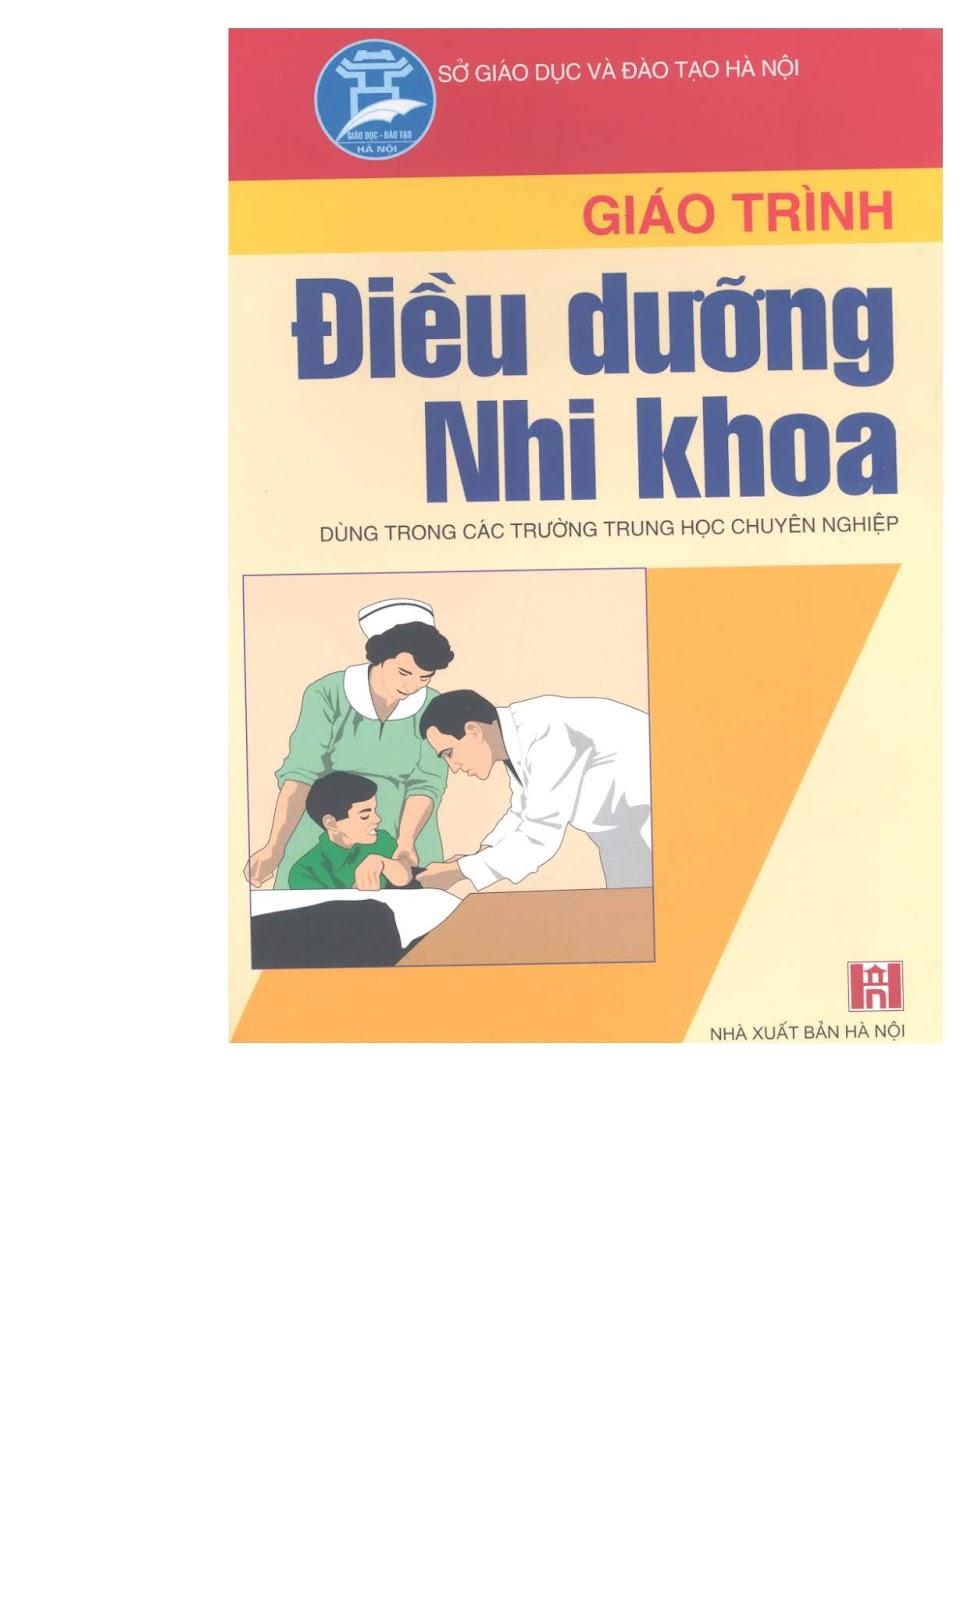 Giáo trình điều dưỡng Nhi khoa – NXB Hà Nội 2005